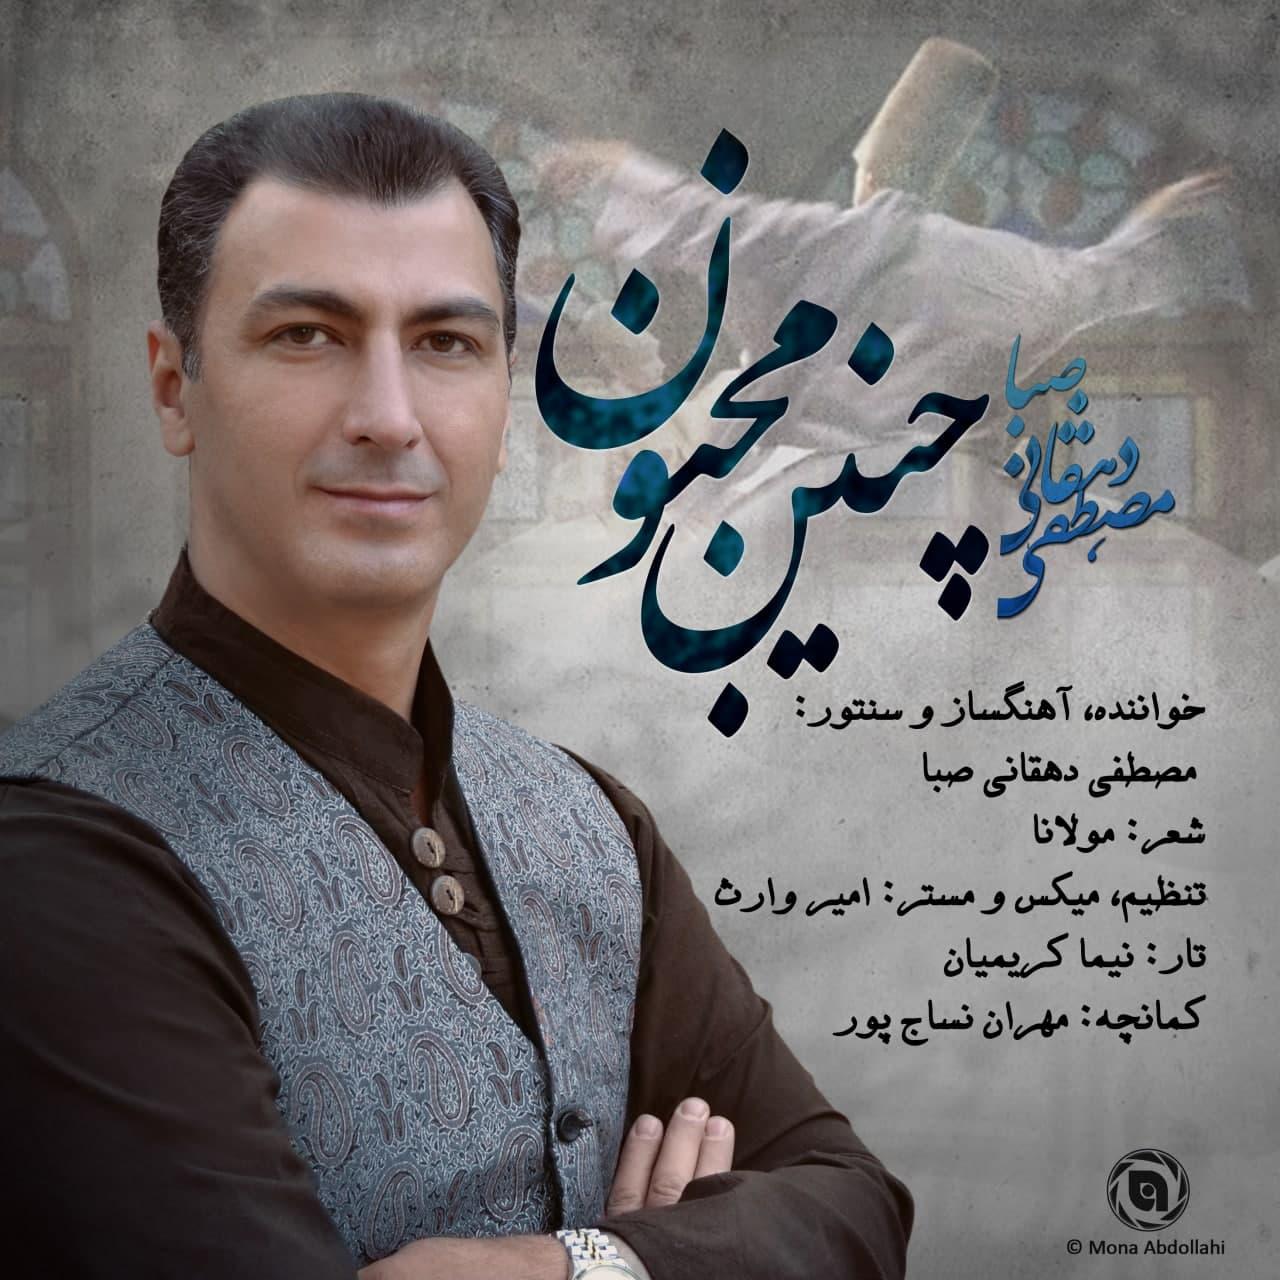 Mostafa Dehghani Saba – Chonin Majnoon